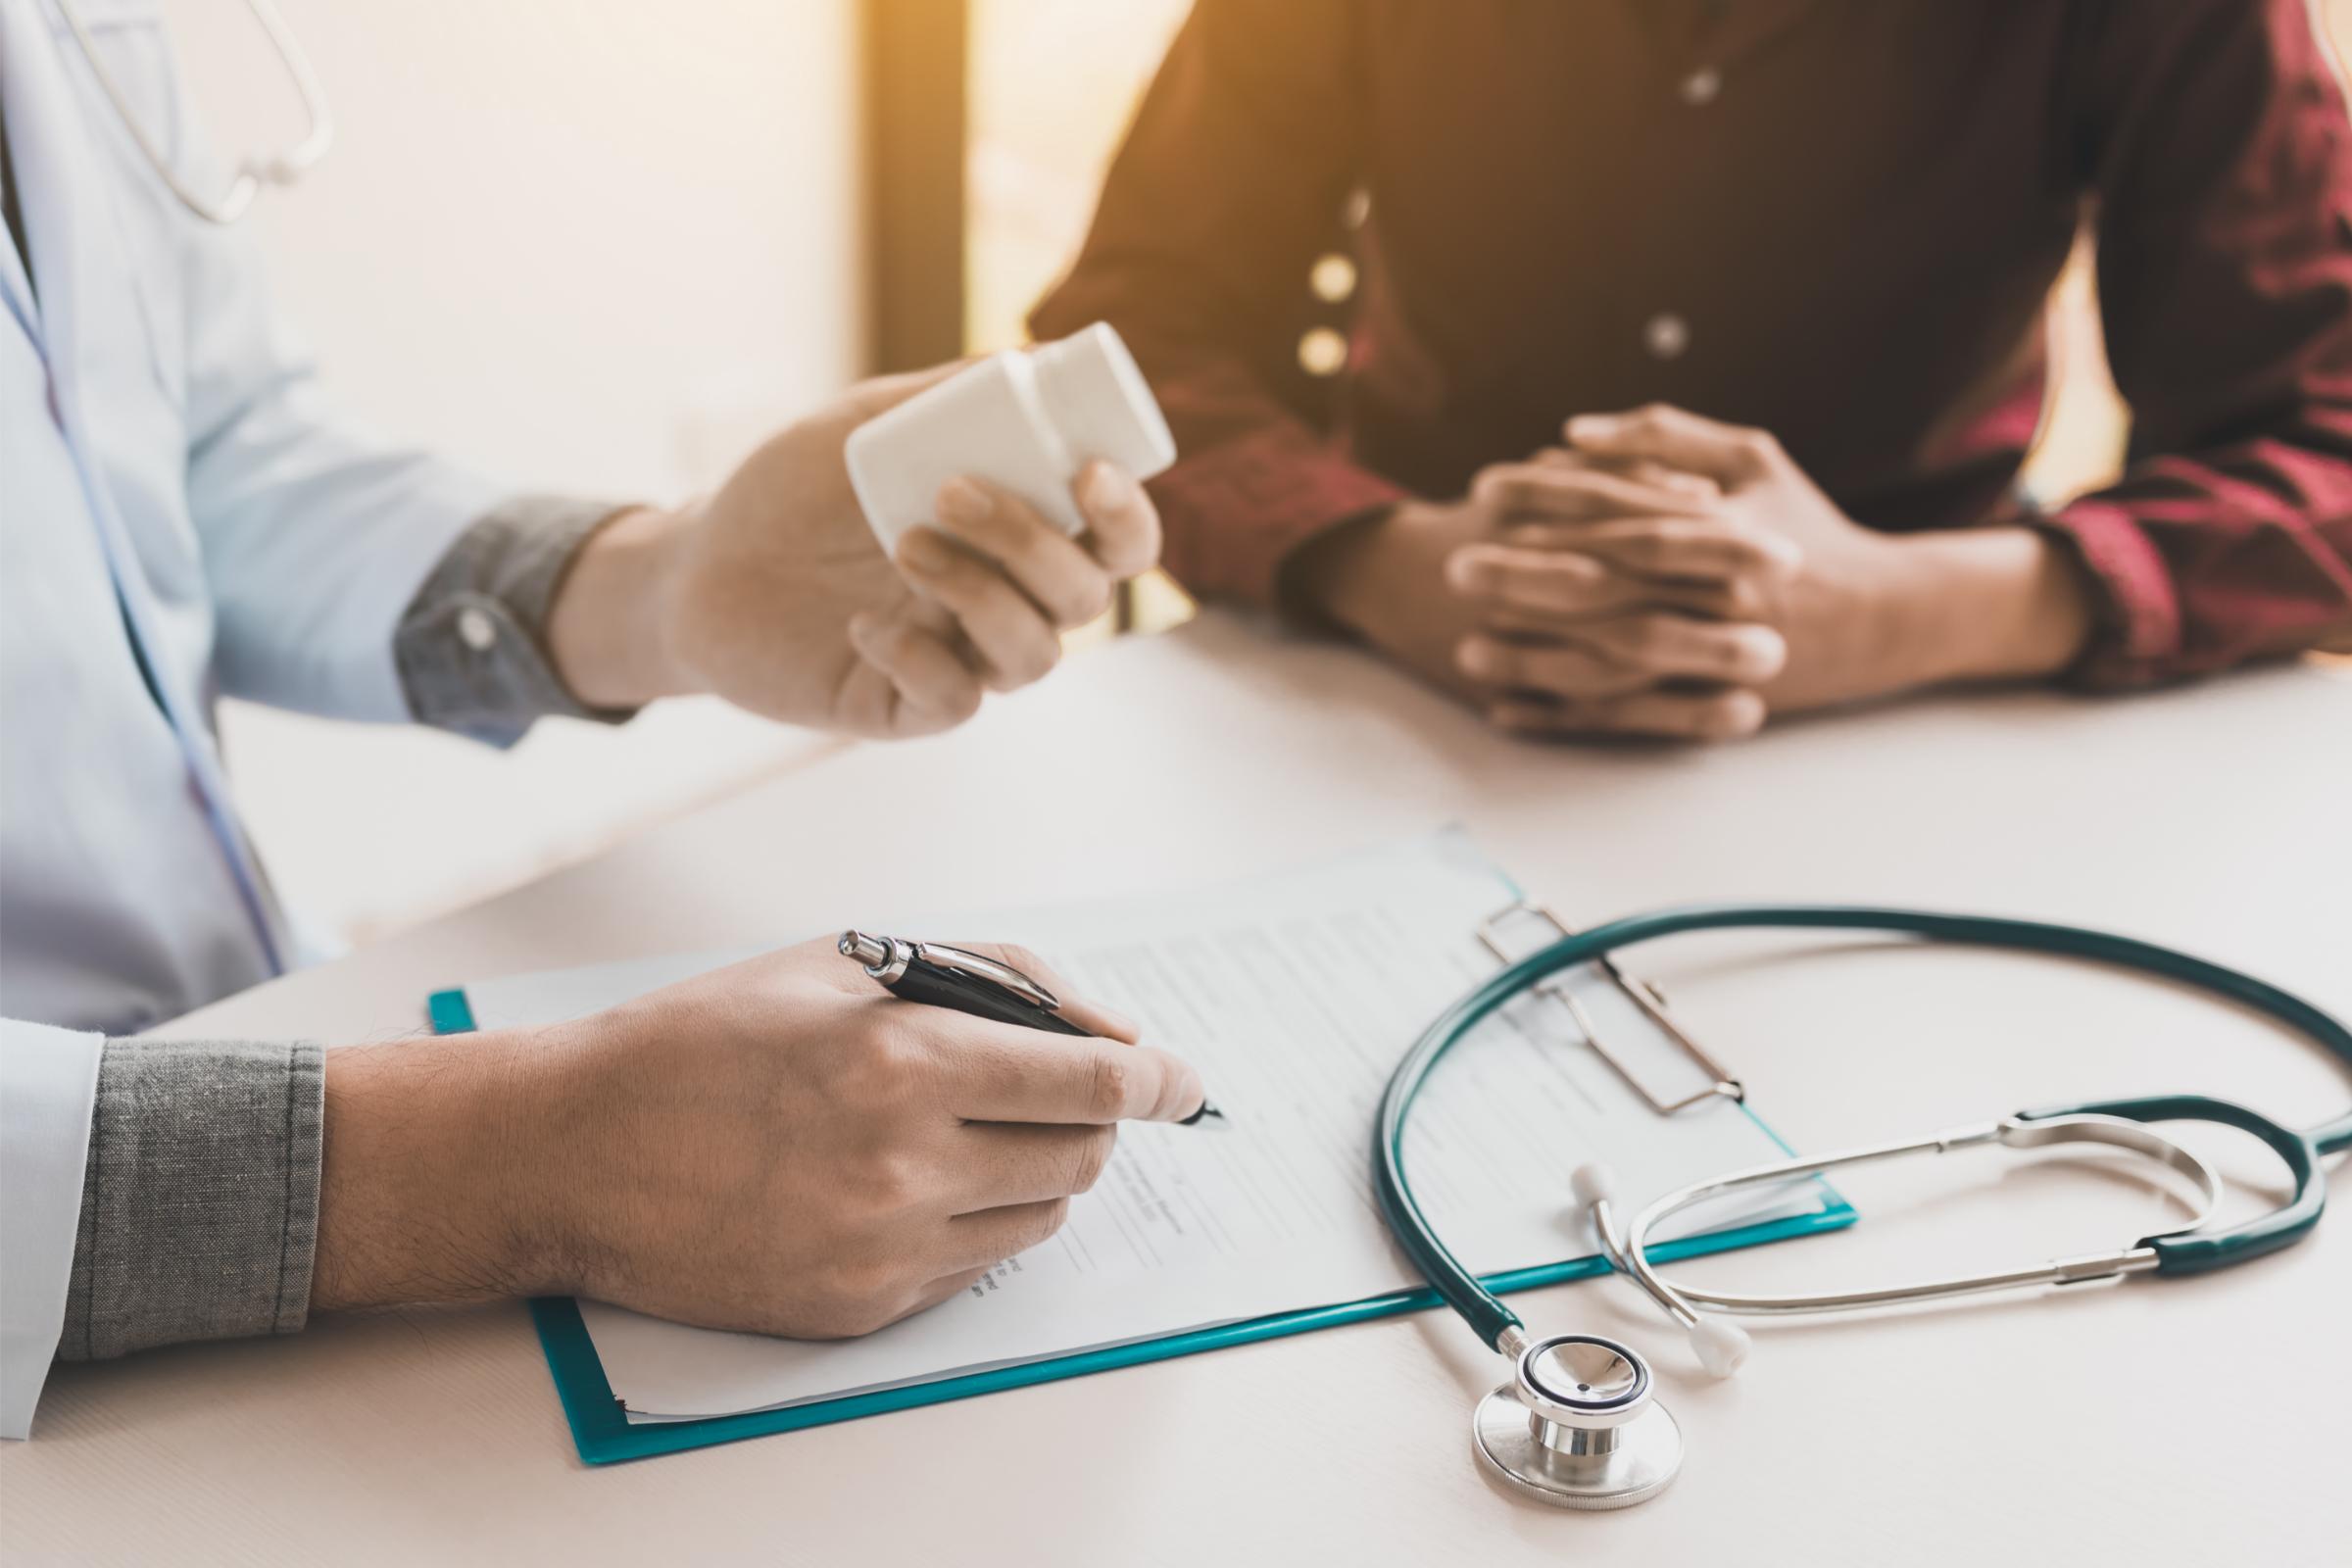 Comissão aprova projeto que obriga empresas a vender planos de saúde individuais